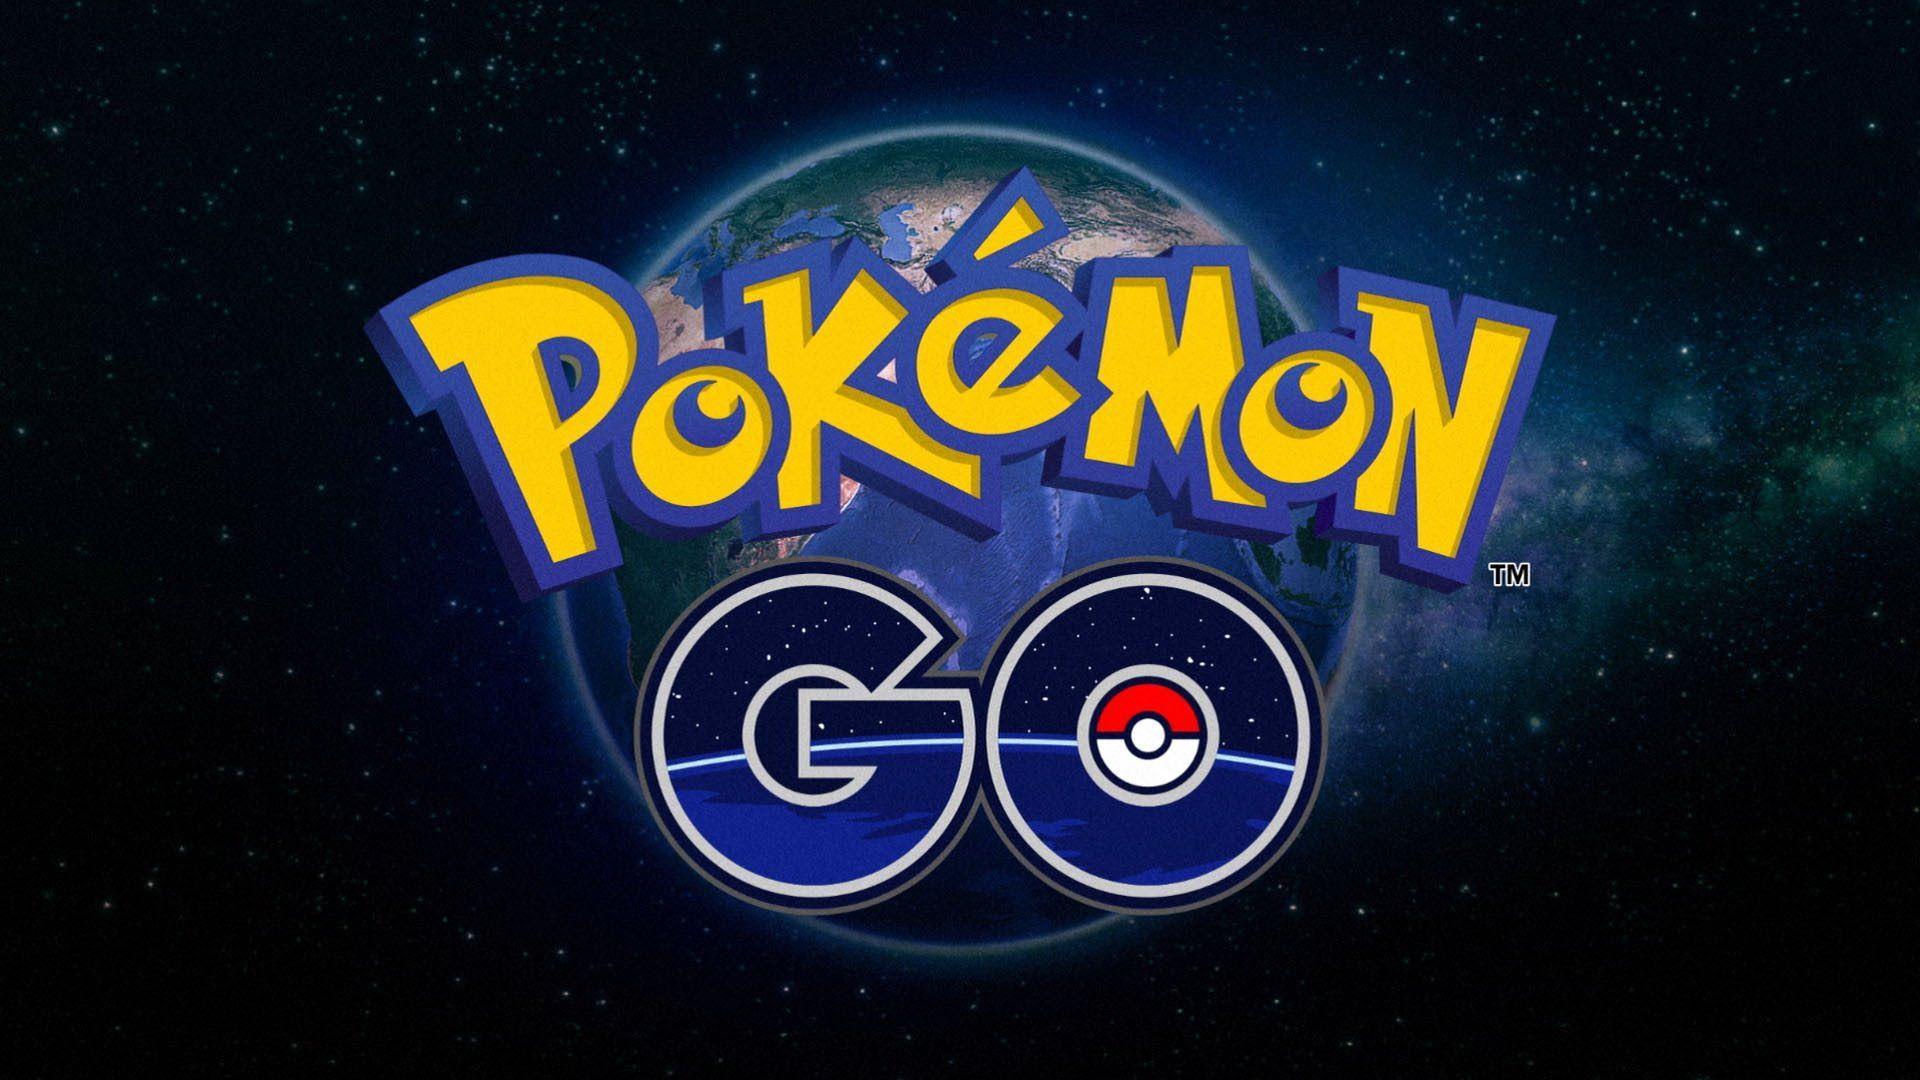 ¿De qué trata Pokémon GO?